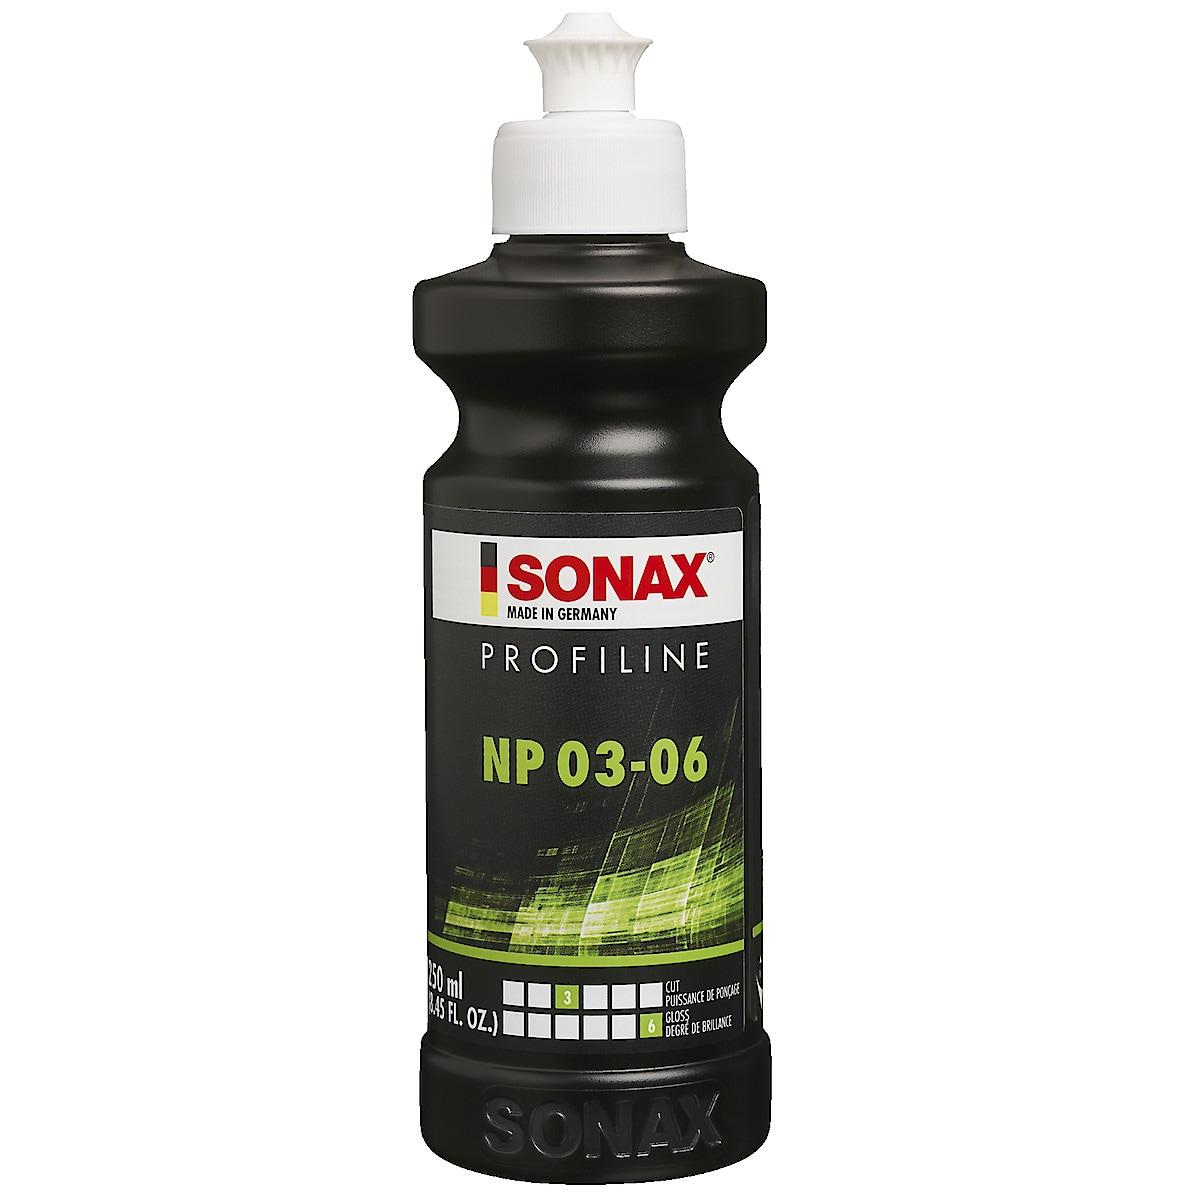 Sonax ProfiLine NP 03-06 Nano Polish